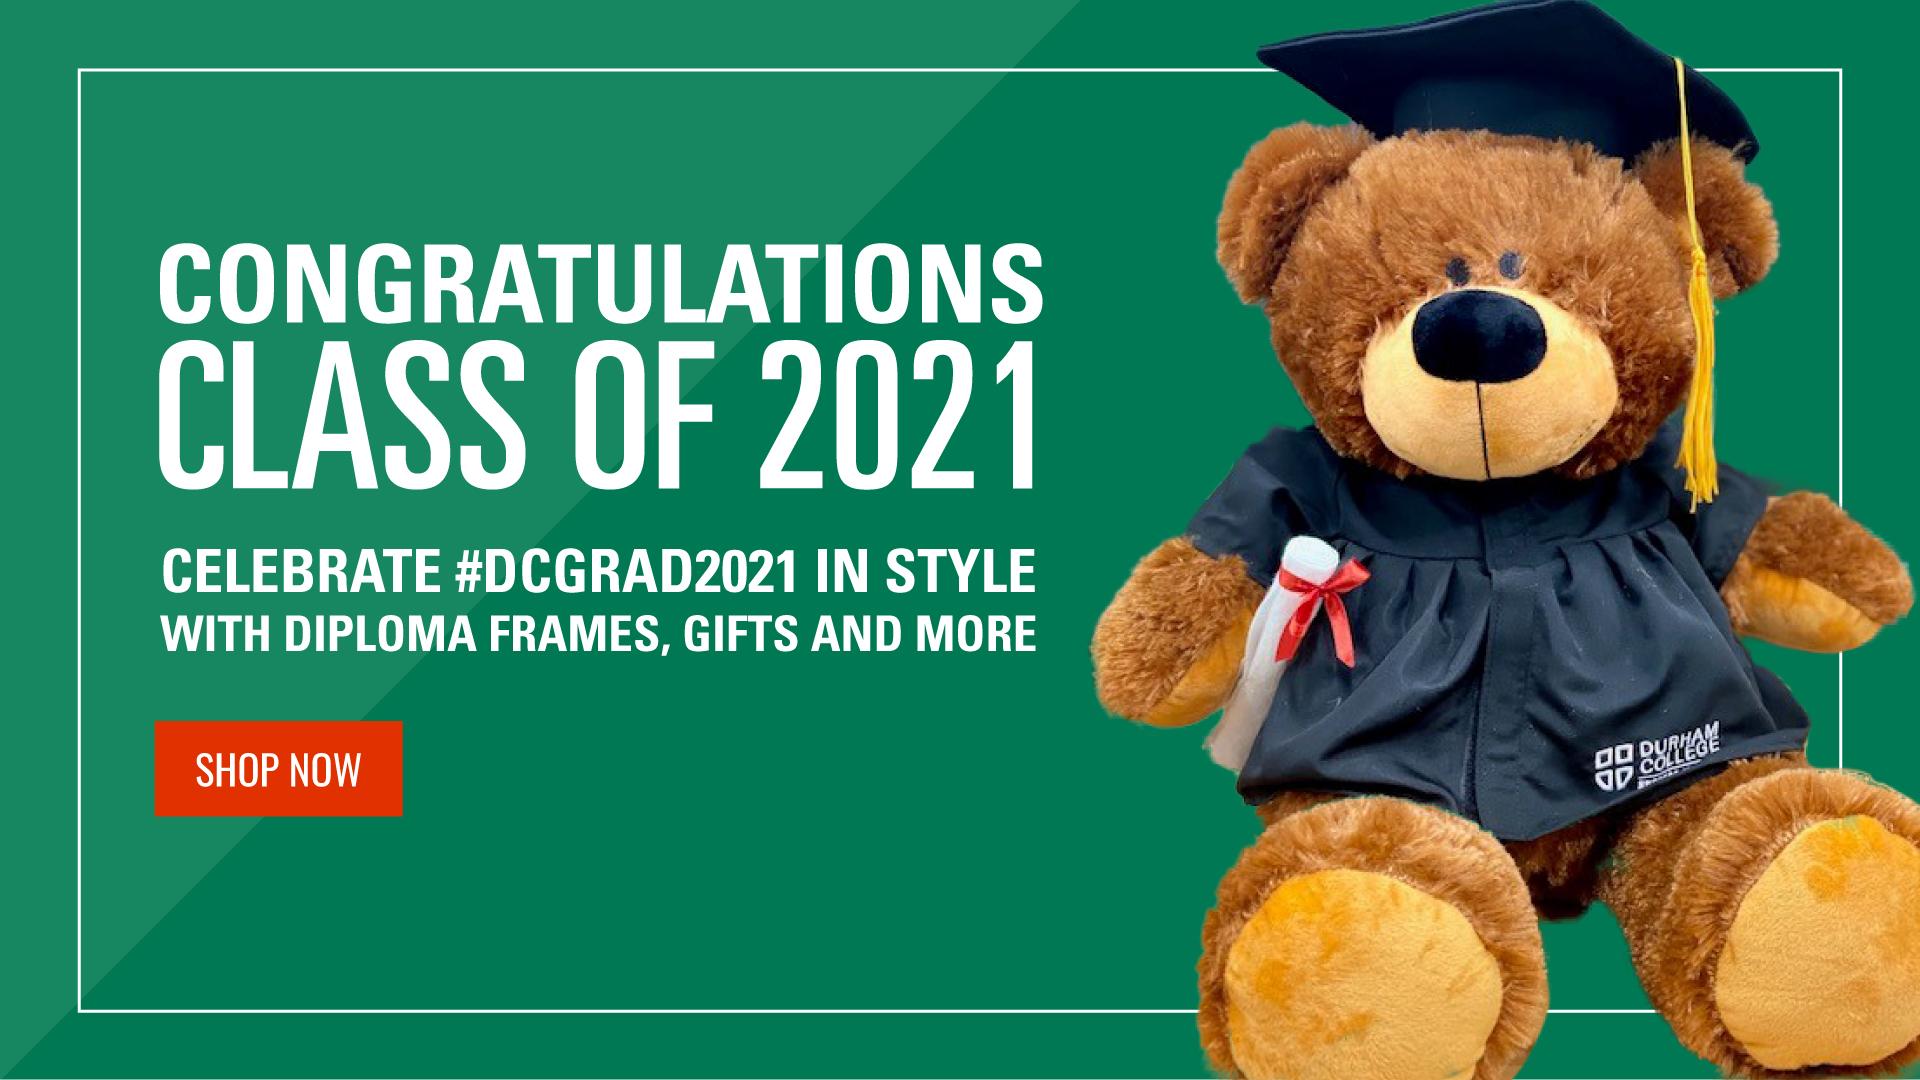 Congrats DC Grads with graduation bear, shop now button